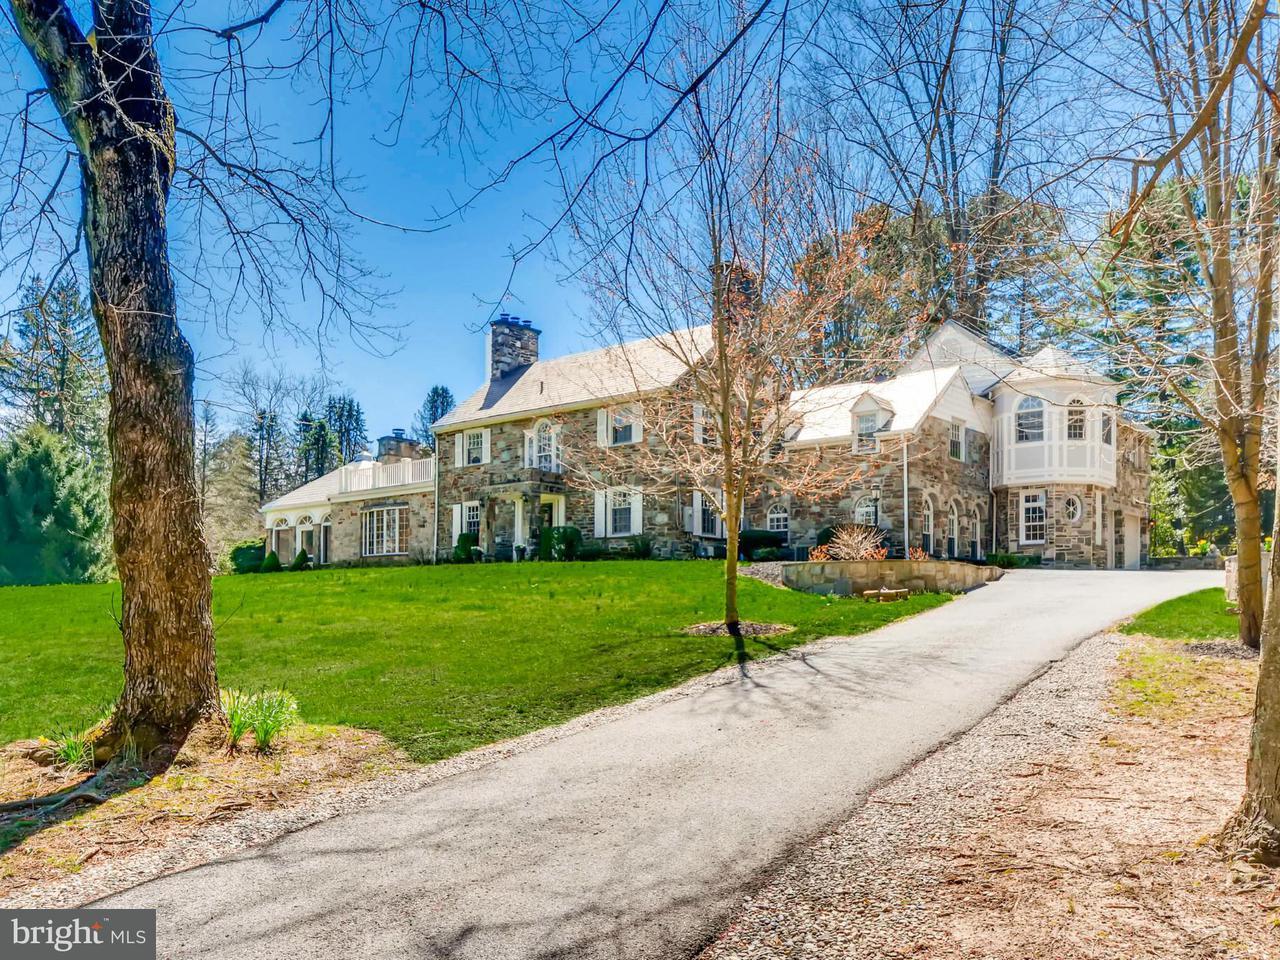 Частный односемейный дом для того Продажа на 501 Seminary Avenue 501 Seminary Avenue Towson, Мэриленд 21286 Соединенные Штаты